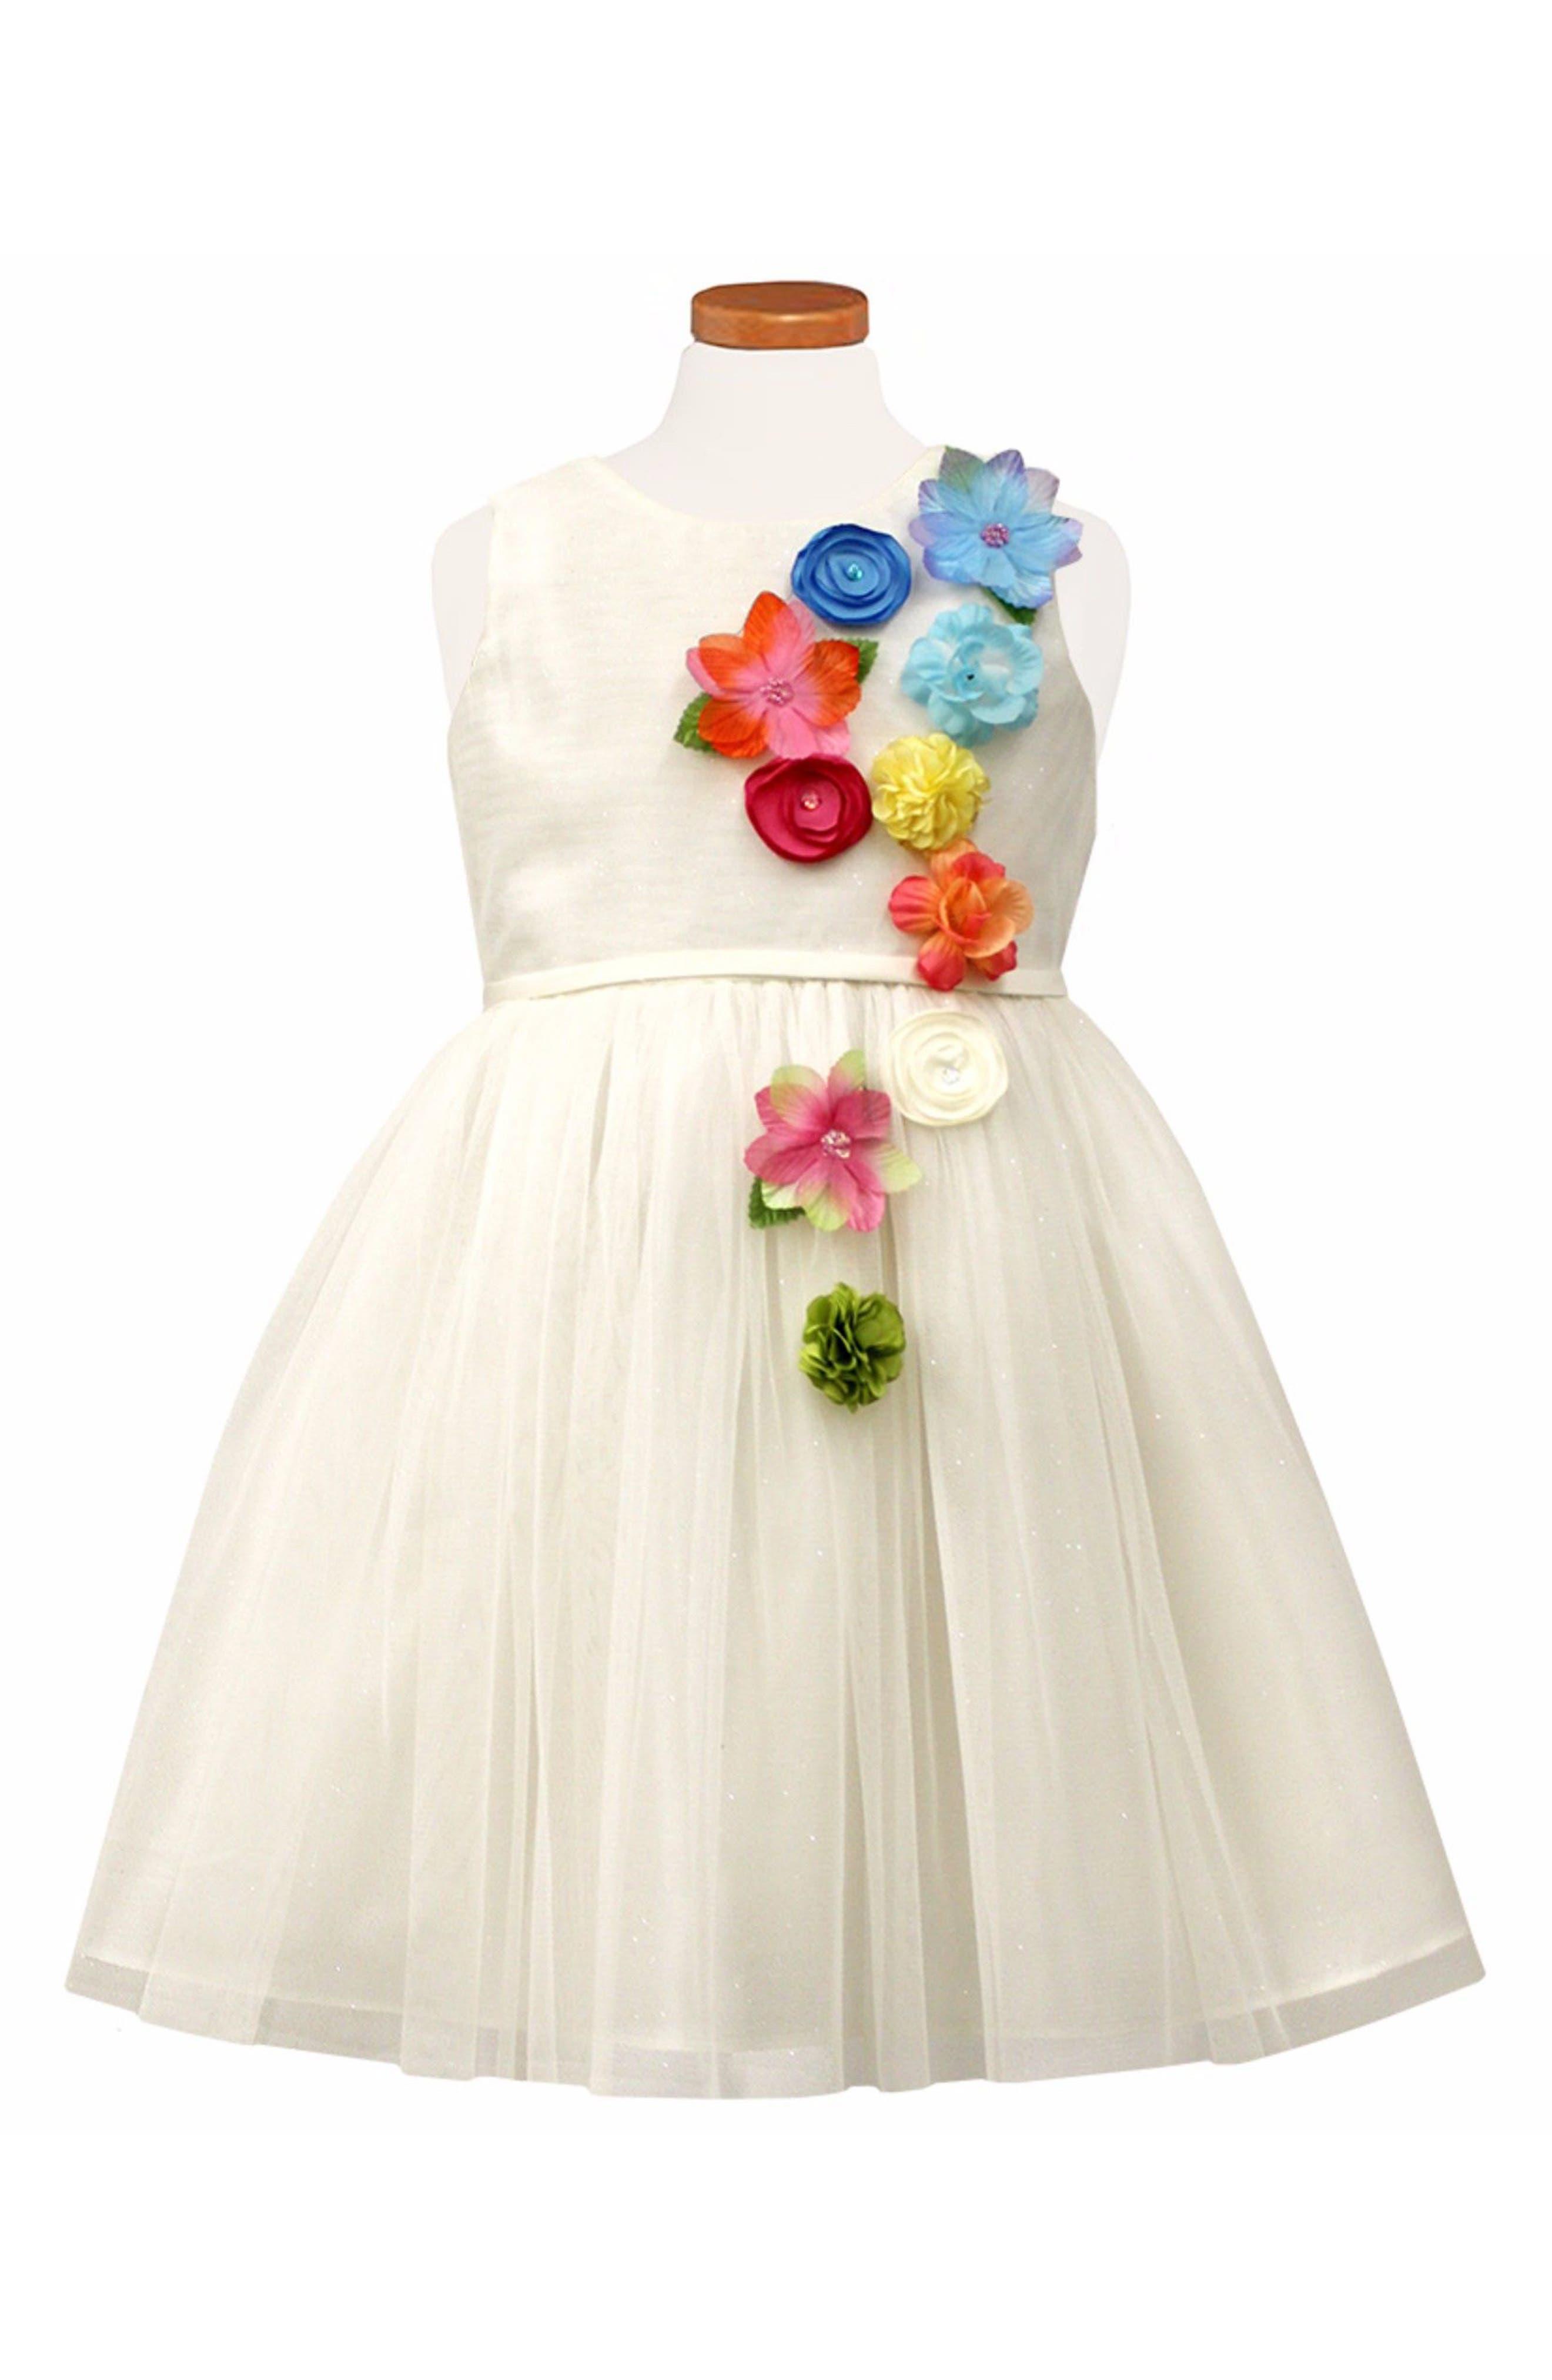 Flower Appliqué Tulle Party Dress,                         Main,                         color, 100